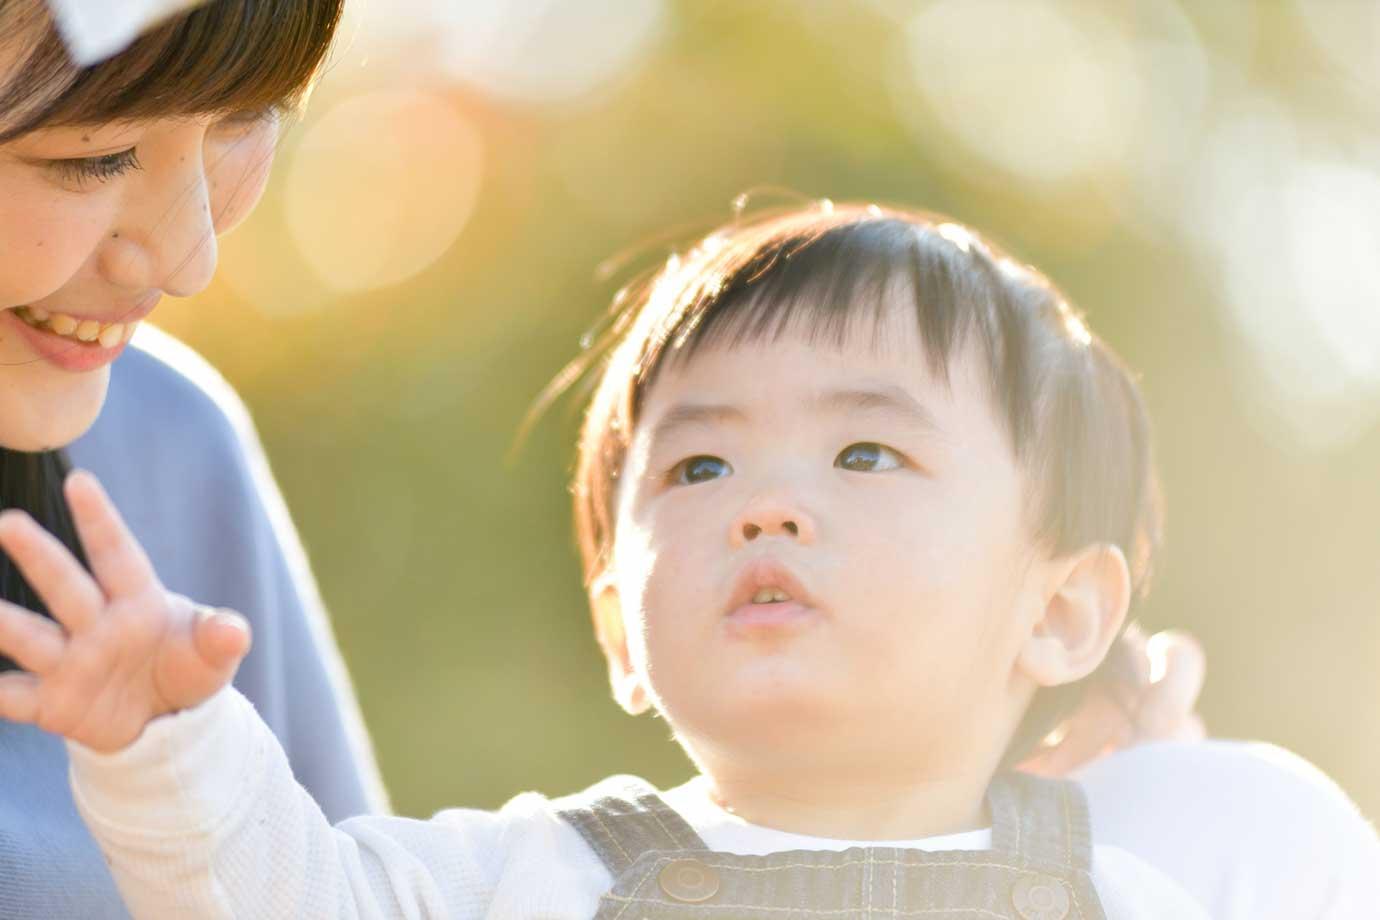 育児ノイローゼは、自覚がないまま、起きるケースがほとんどのようです